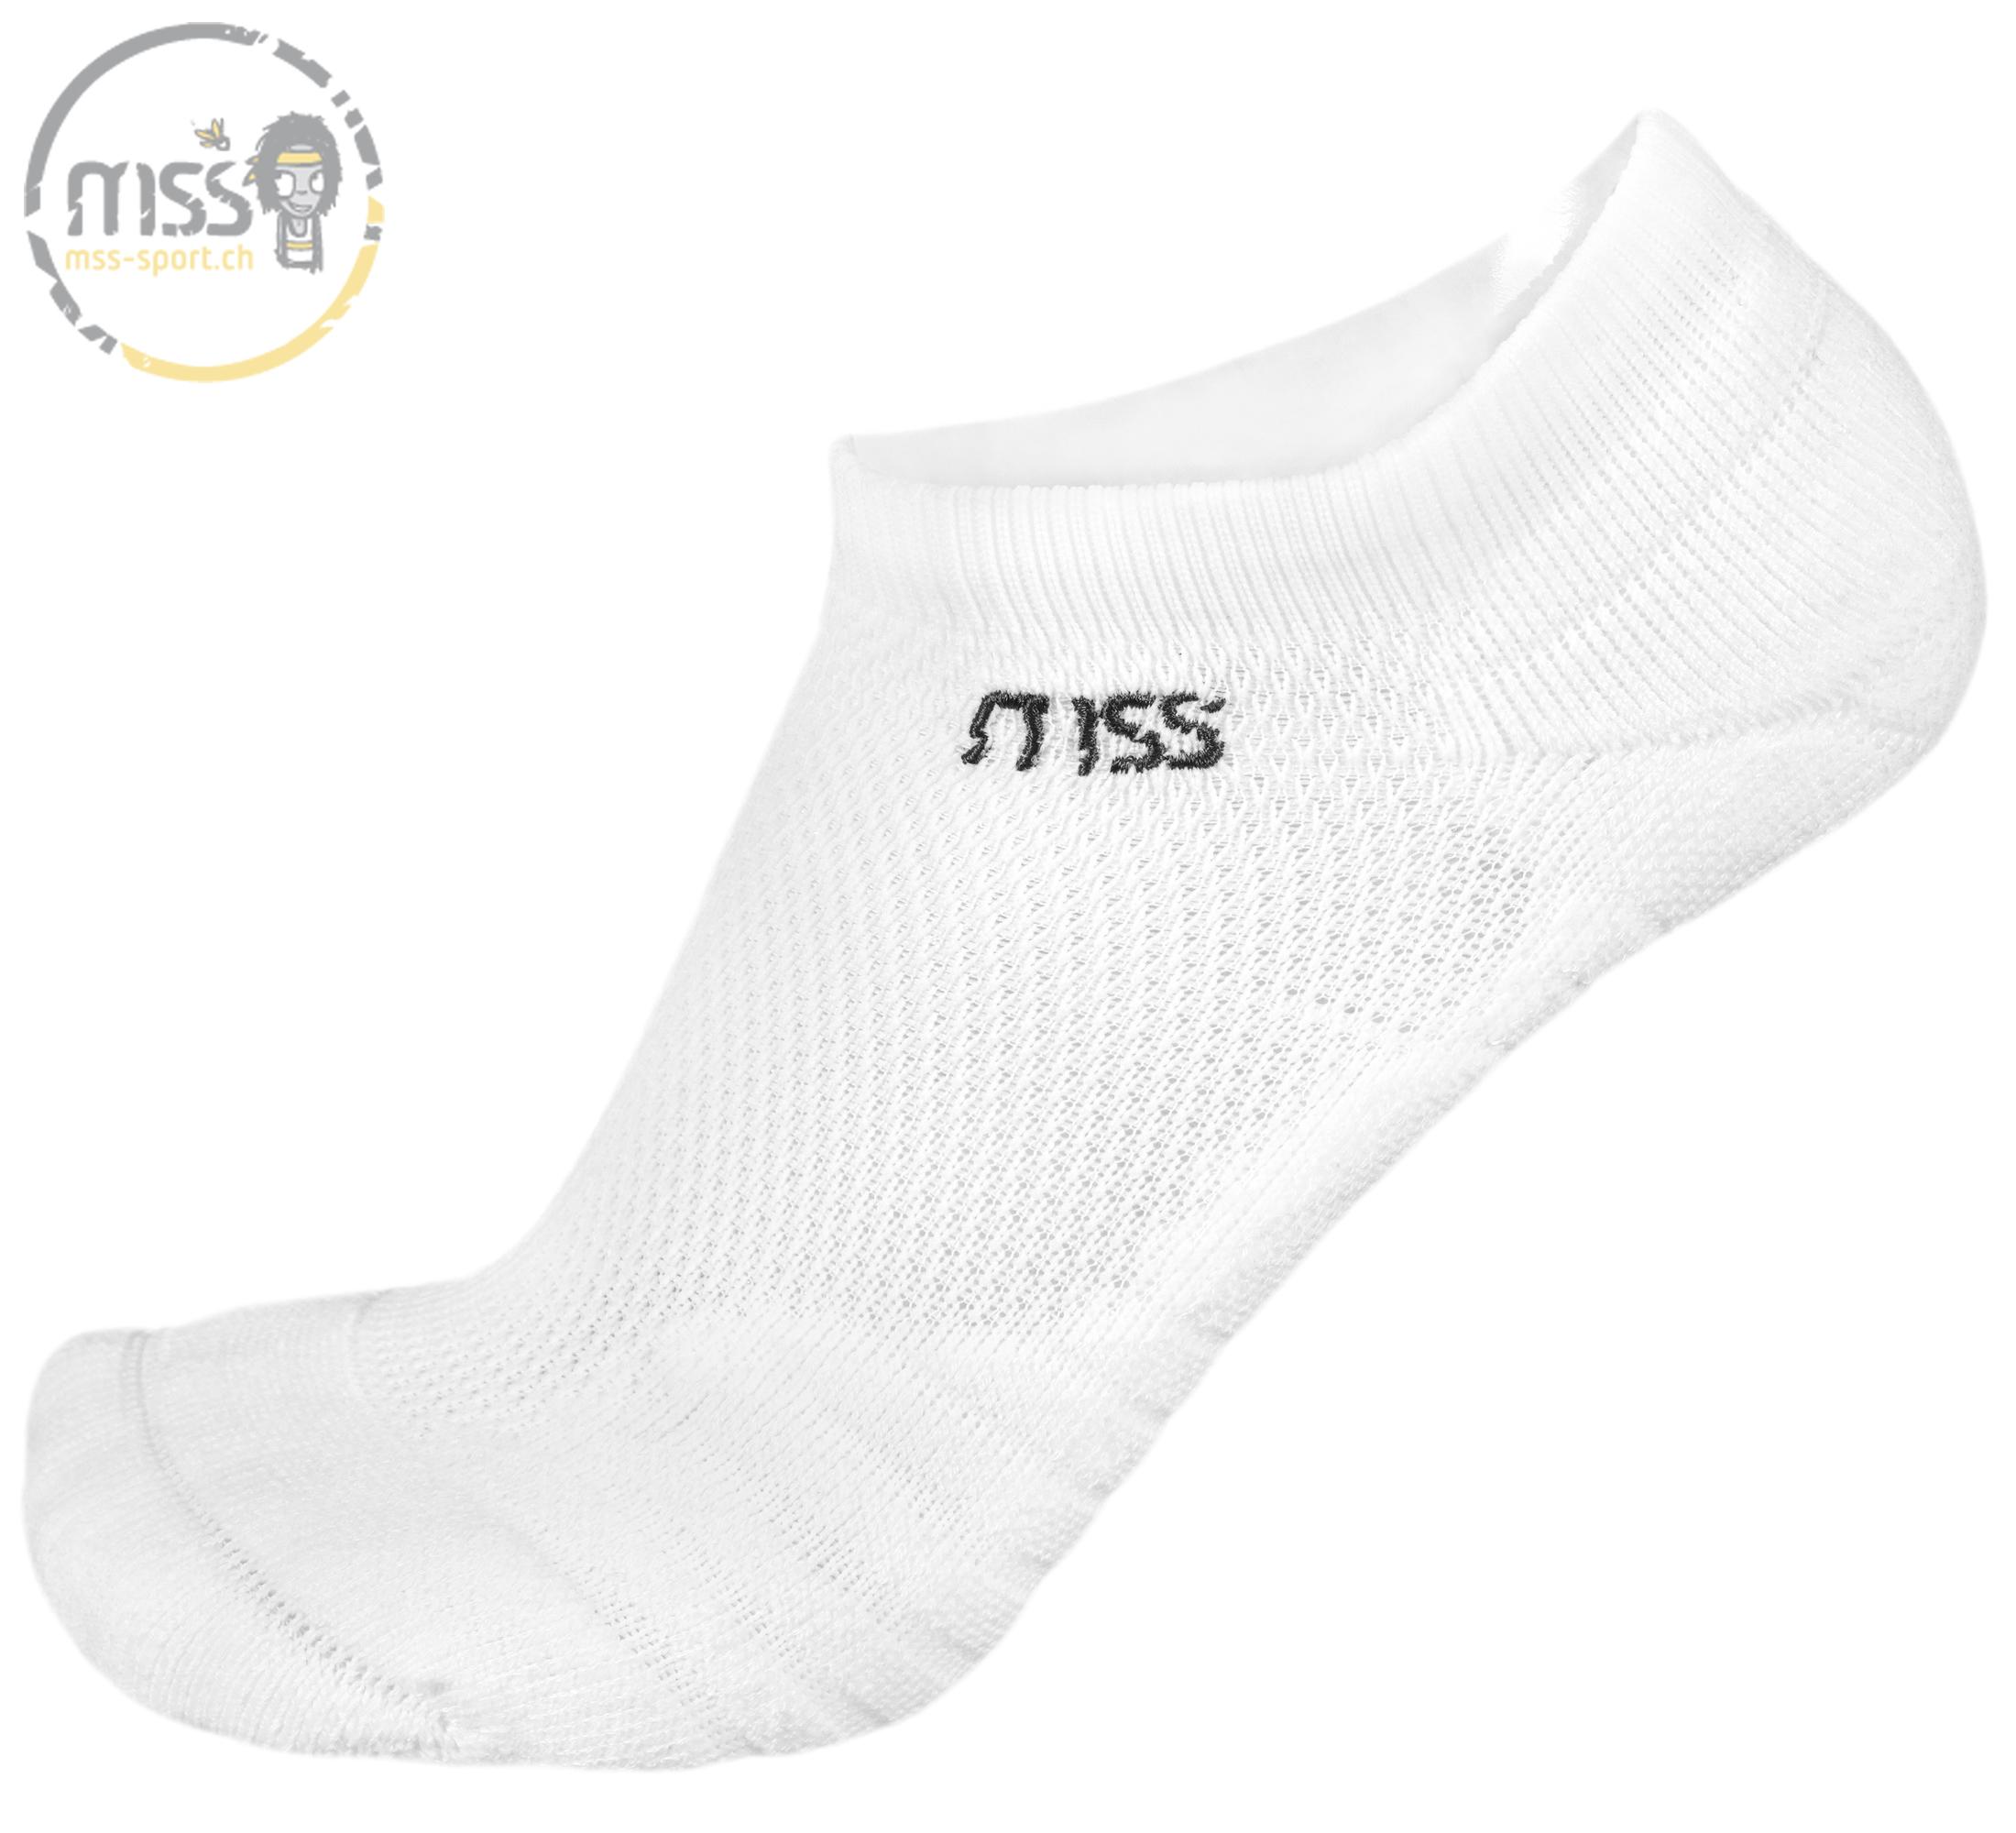 mss-socks Smash 5300 low Lady white